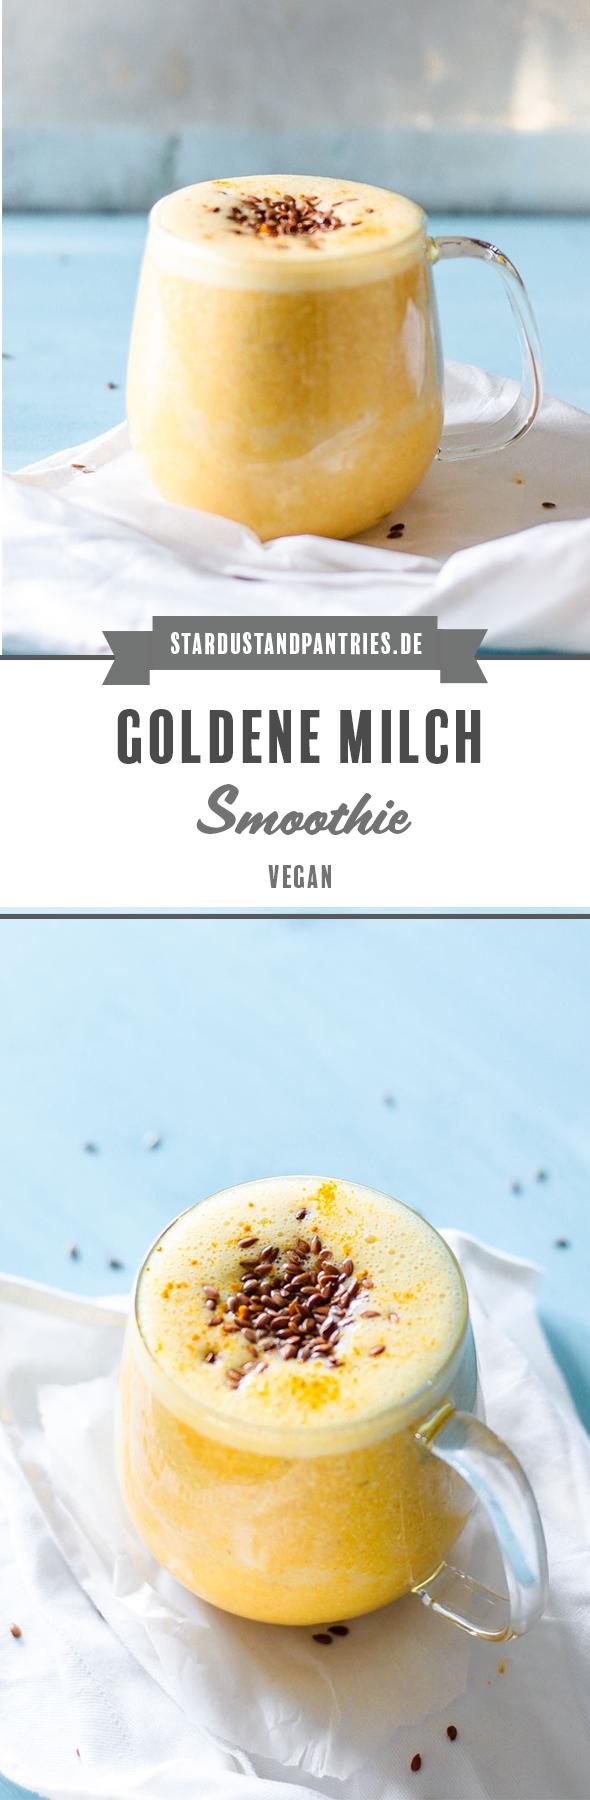 Ein veganer Goldene Milch Smoothie versorgt dich mit entzündungshemmenden Stoffen - perfekt für Unterwegs und für Zwischendurch, wenn du einen kleinen Energieschub für dein Immunsystem brauchst! #Kurkumalatte #Smoothie #Goldenemilch #Vegan